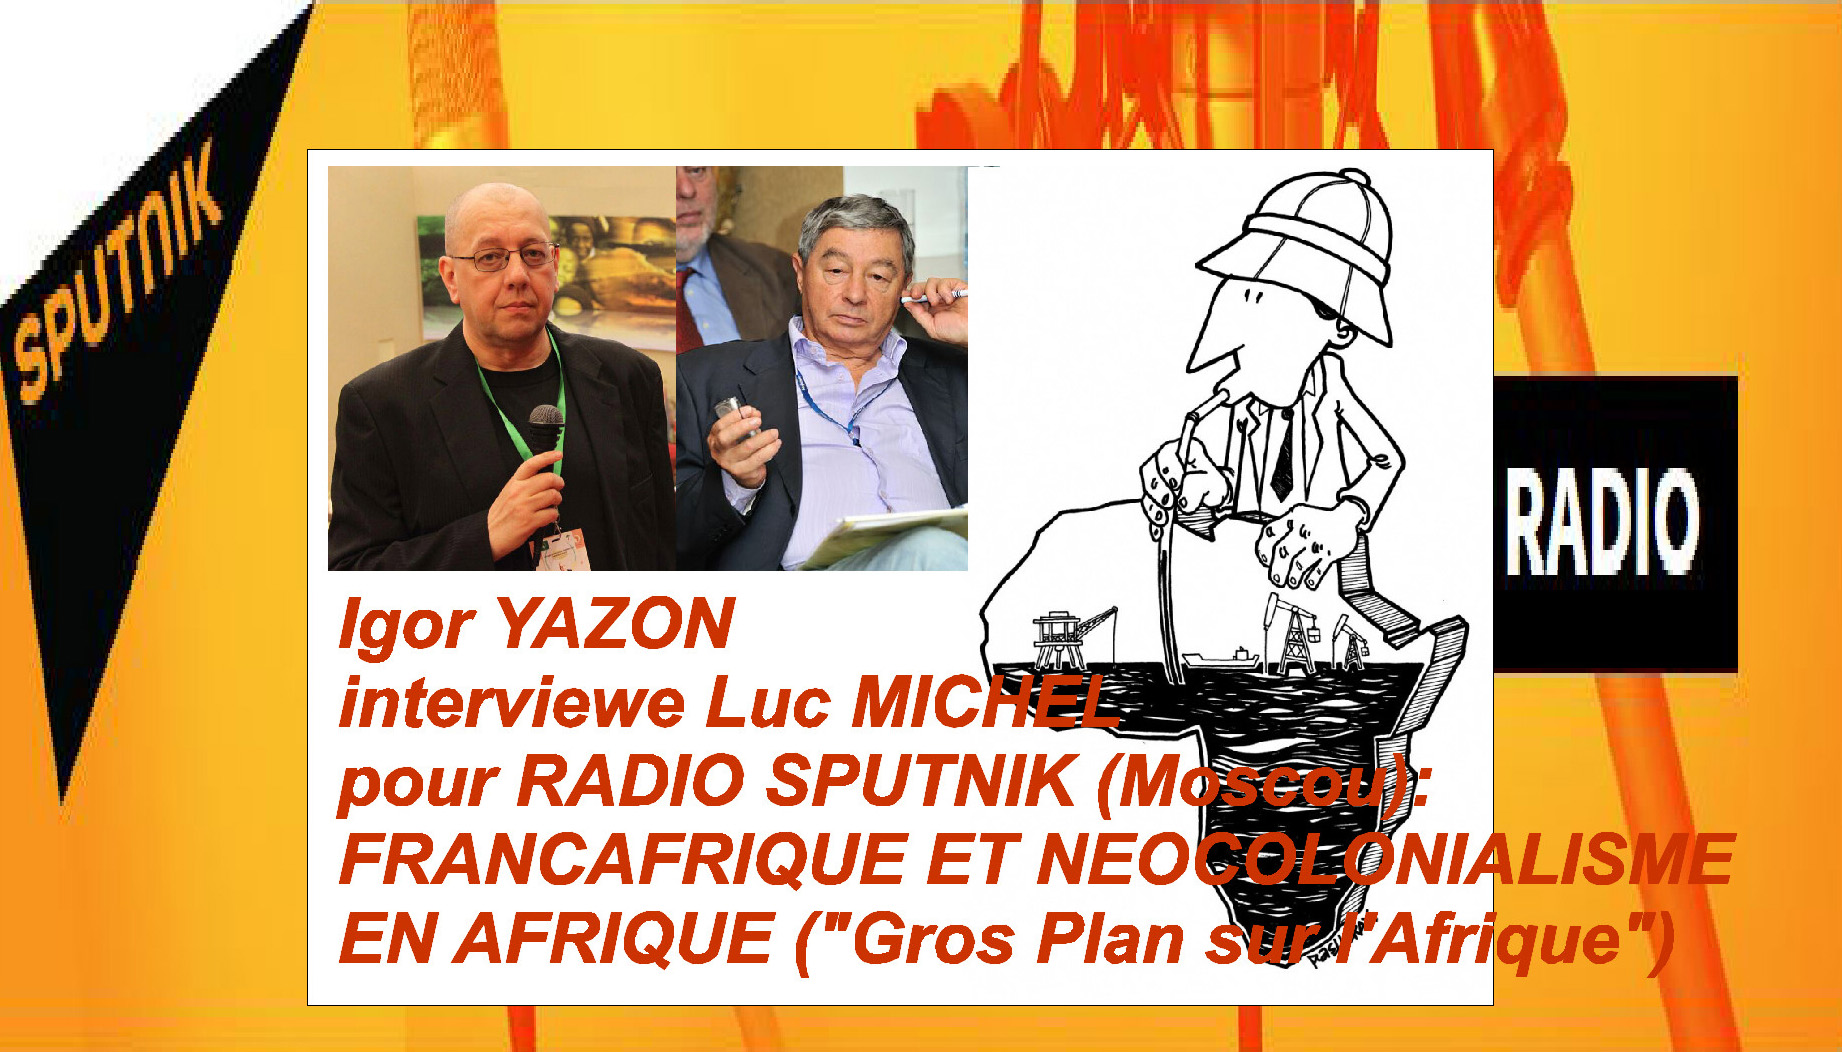 PCN-TV - SPUTNIK lm 55 ans francafrique (2015 05 23) FR